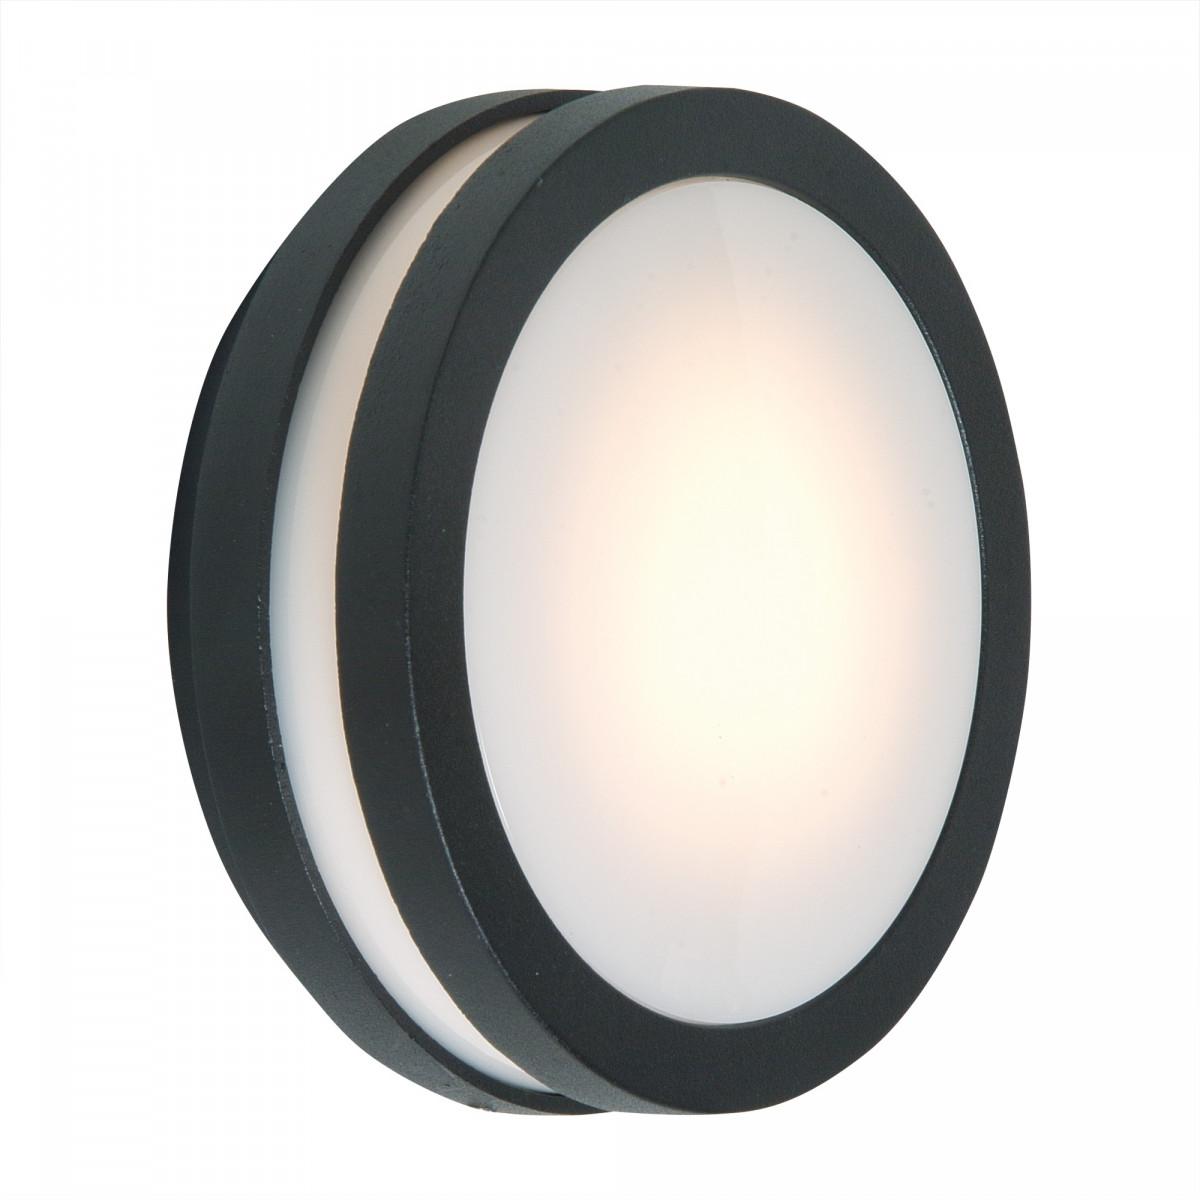 Moderne Wandlampe Wandleuchte Vision 2 Anthrazit Rund